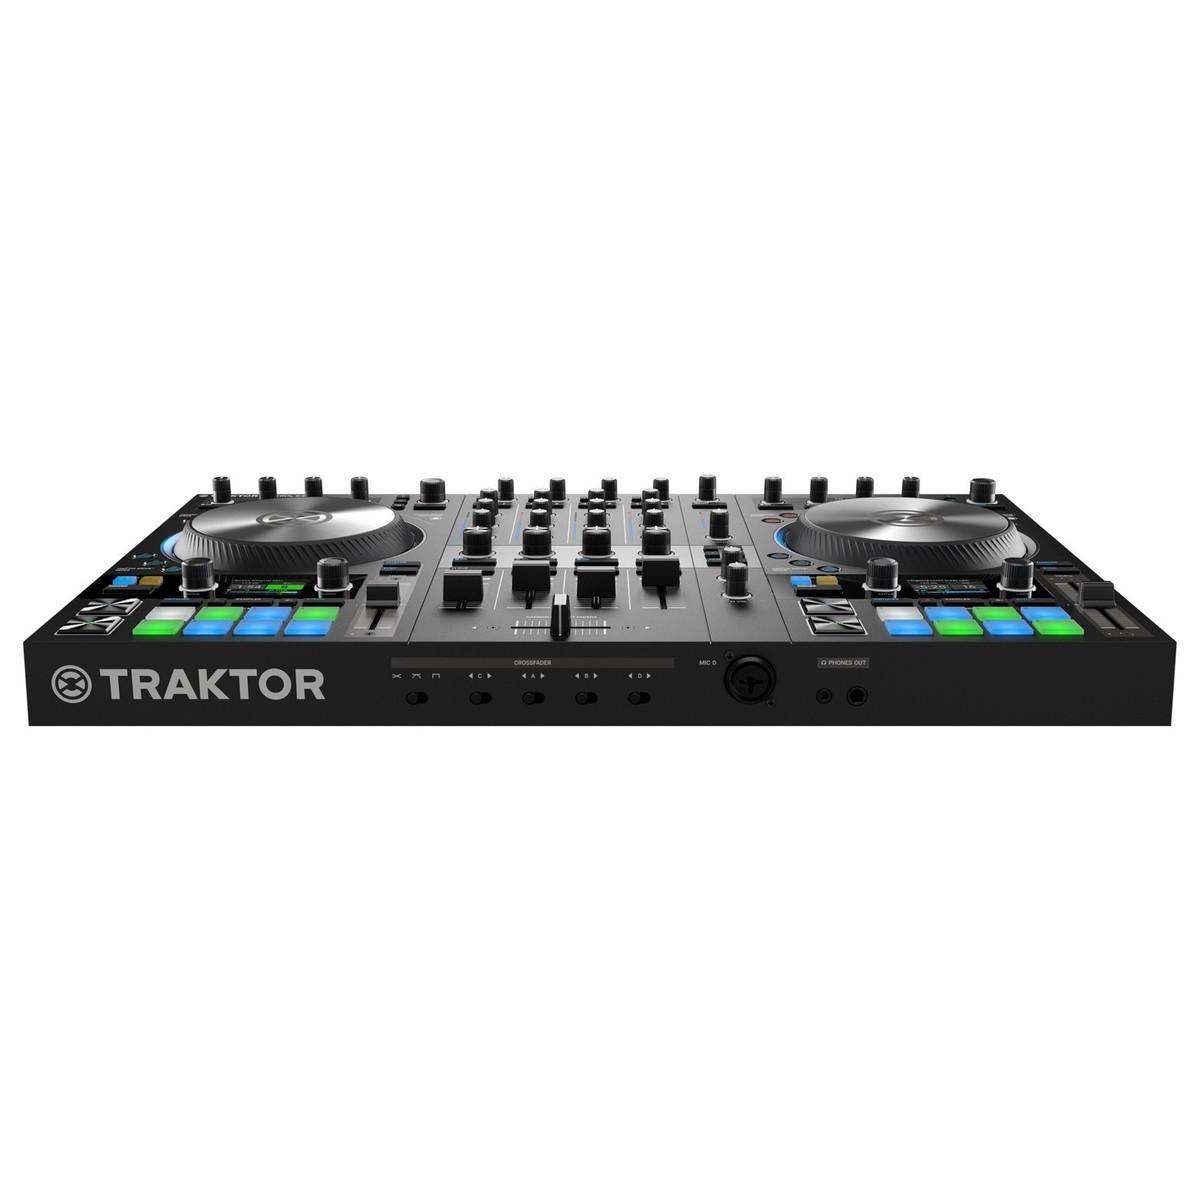 NATIVE INSTRUMENTS TRAKTOR KONTROL S4 MKIII CONTROLLER DJ MIDI MK3 4 CANALI 24 BIT 96KHZ 3